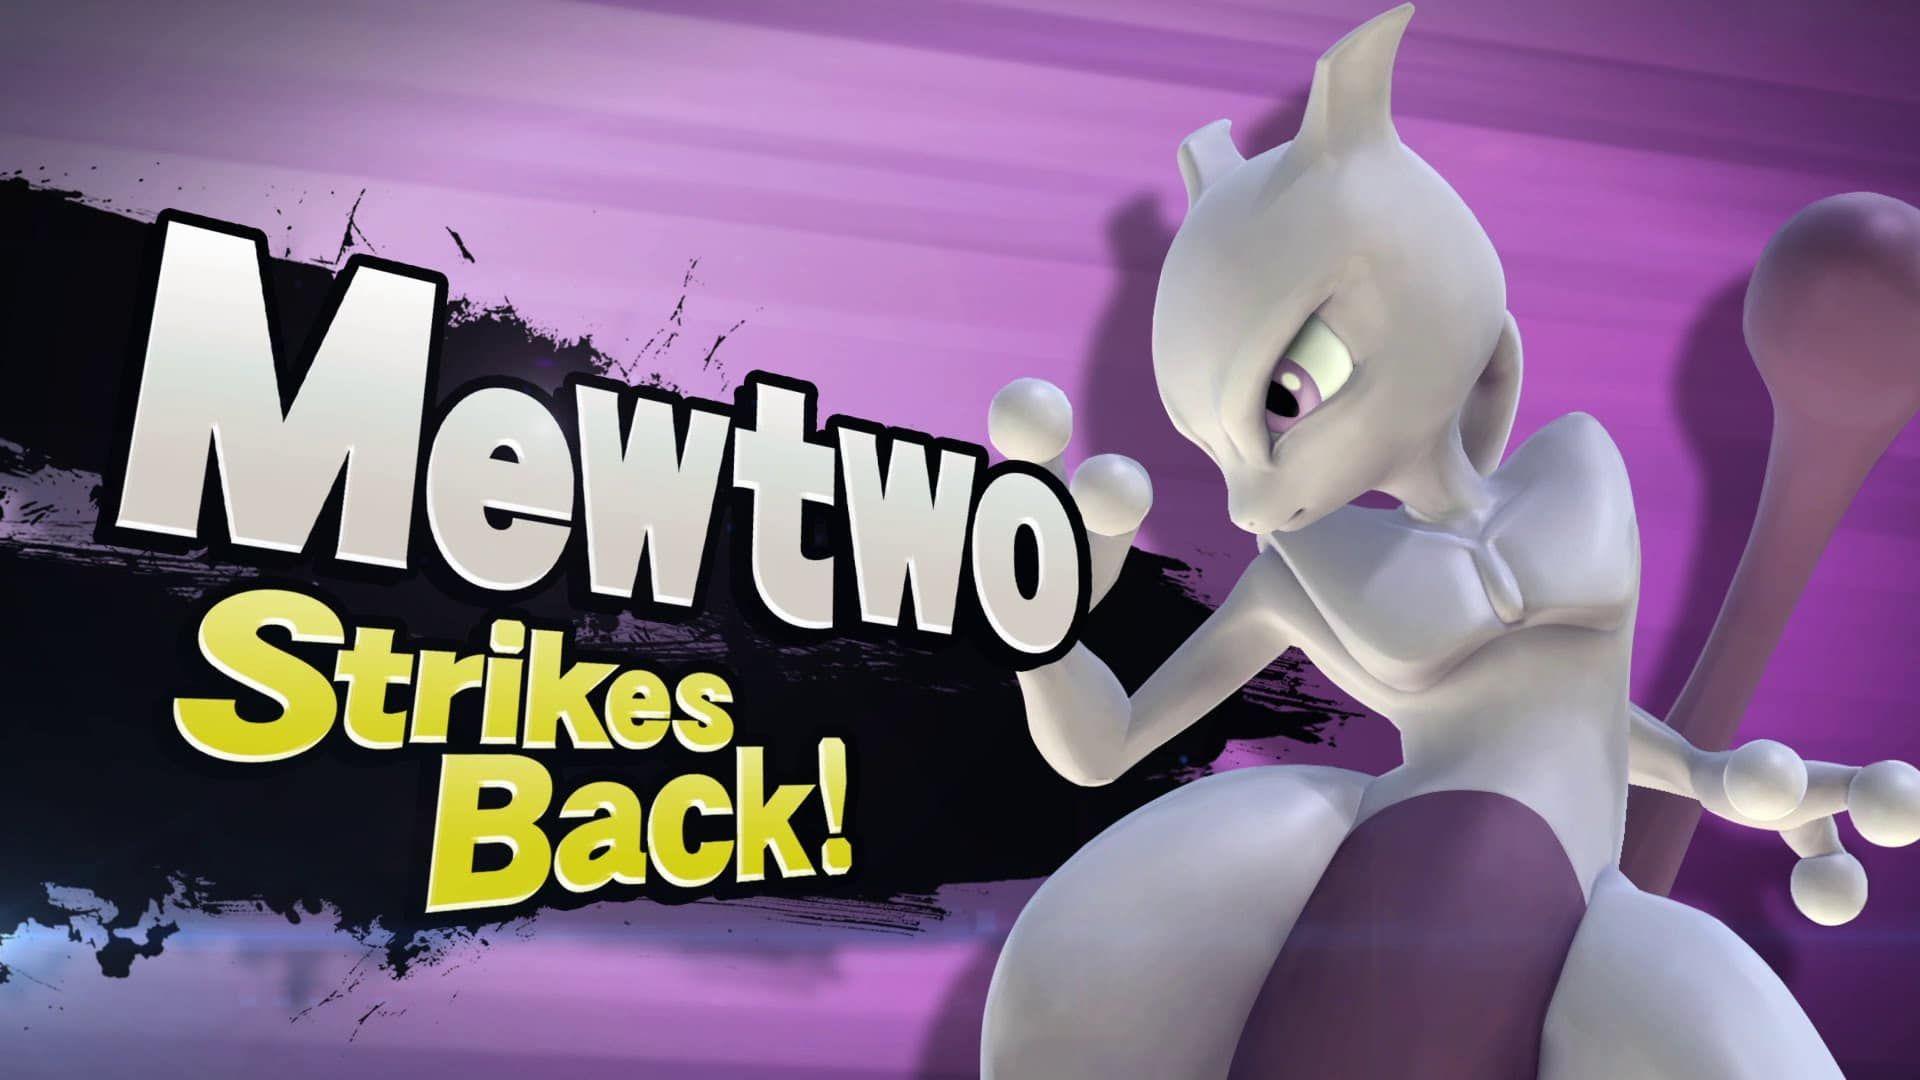 Pokemon Movie Mewtwo Strikes Back Evolution Mewtwo Strikes Back Super Smash Bros Smash Bros Wii